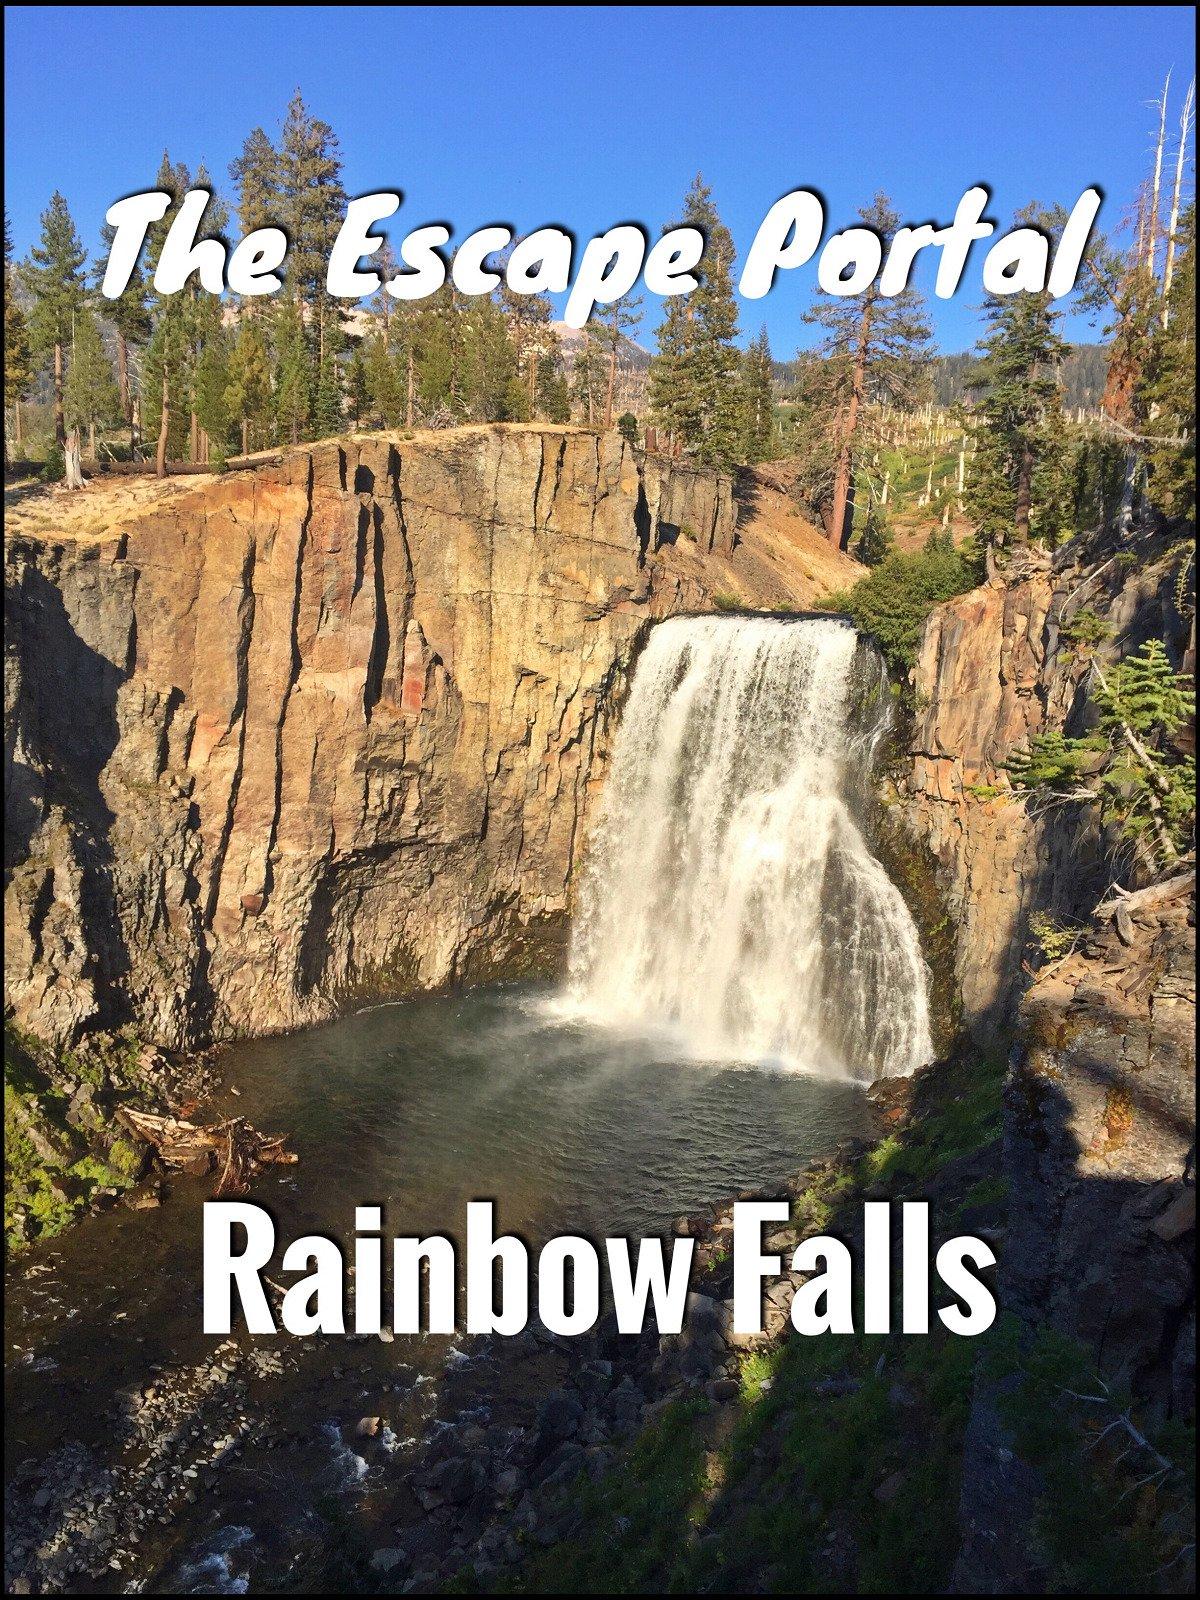 The Escape Portal: Rainbow Falls